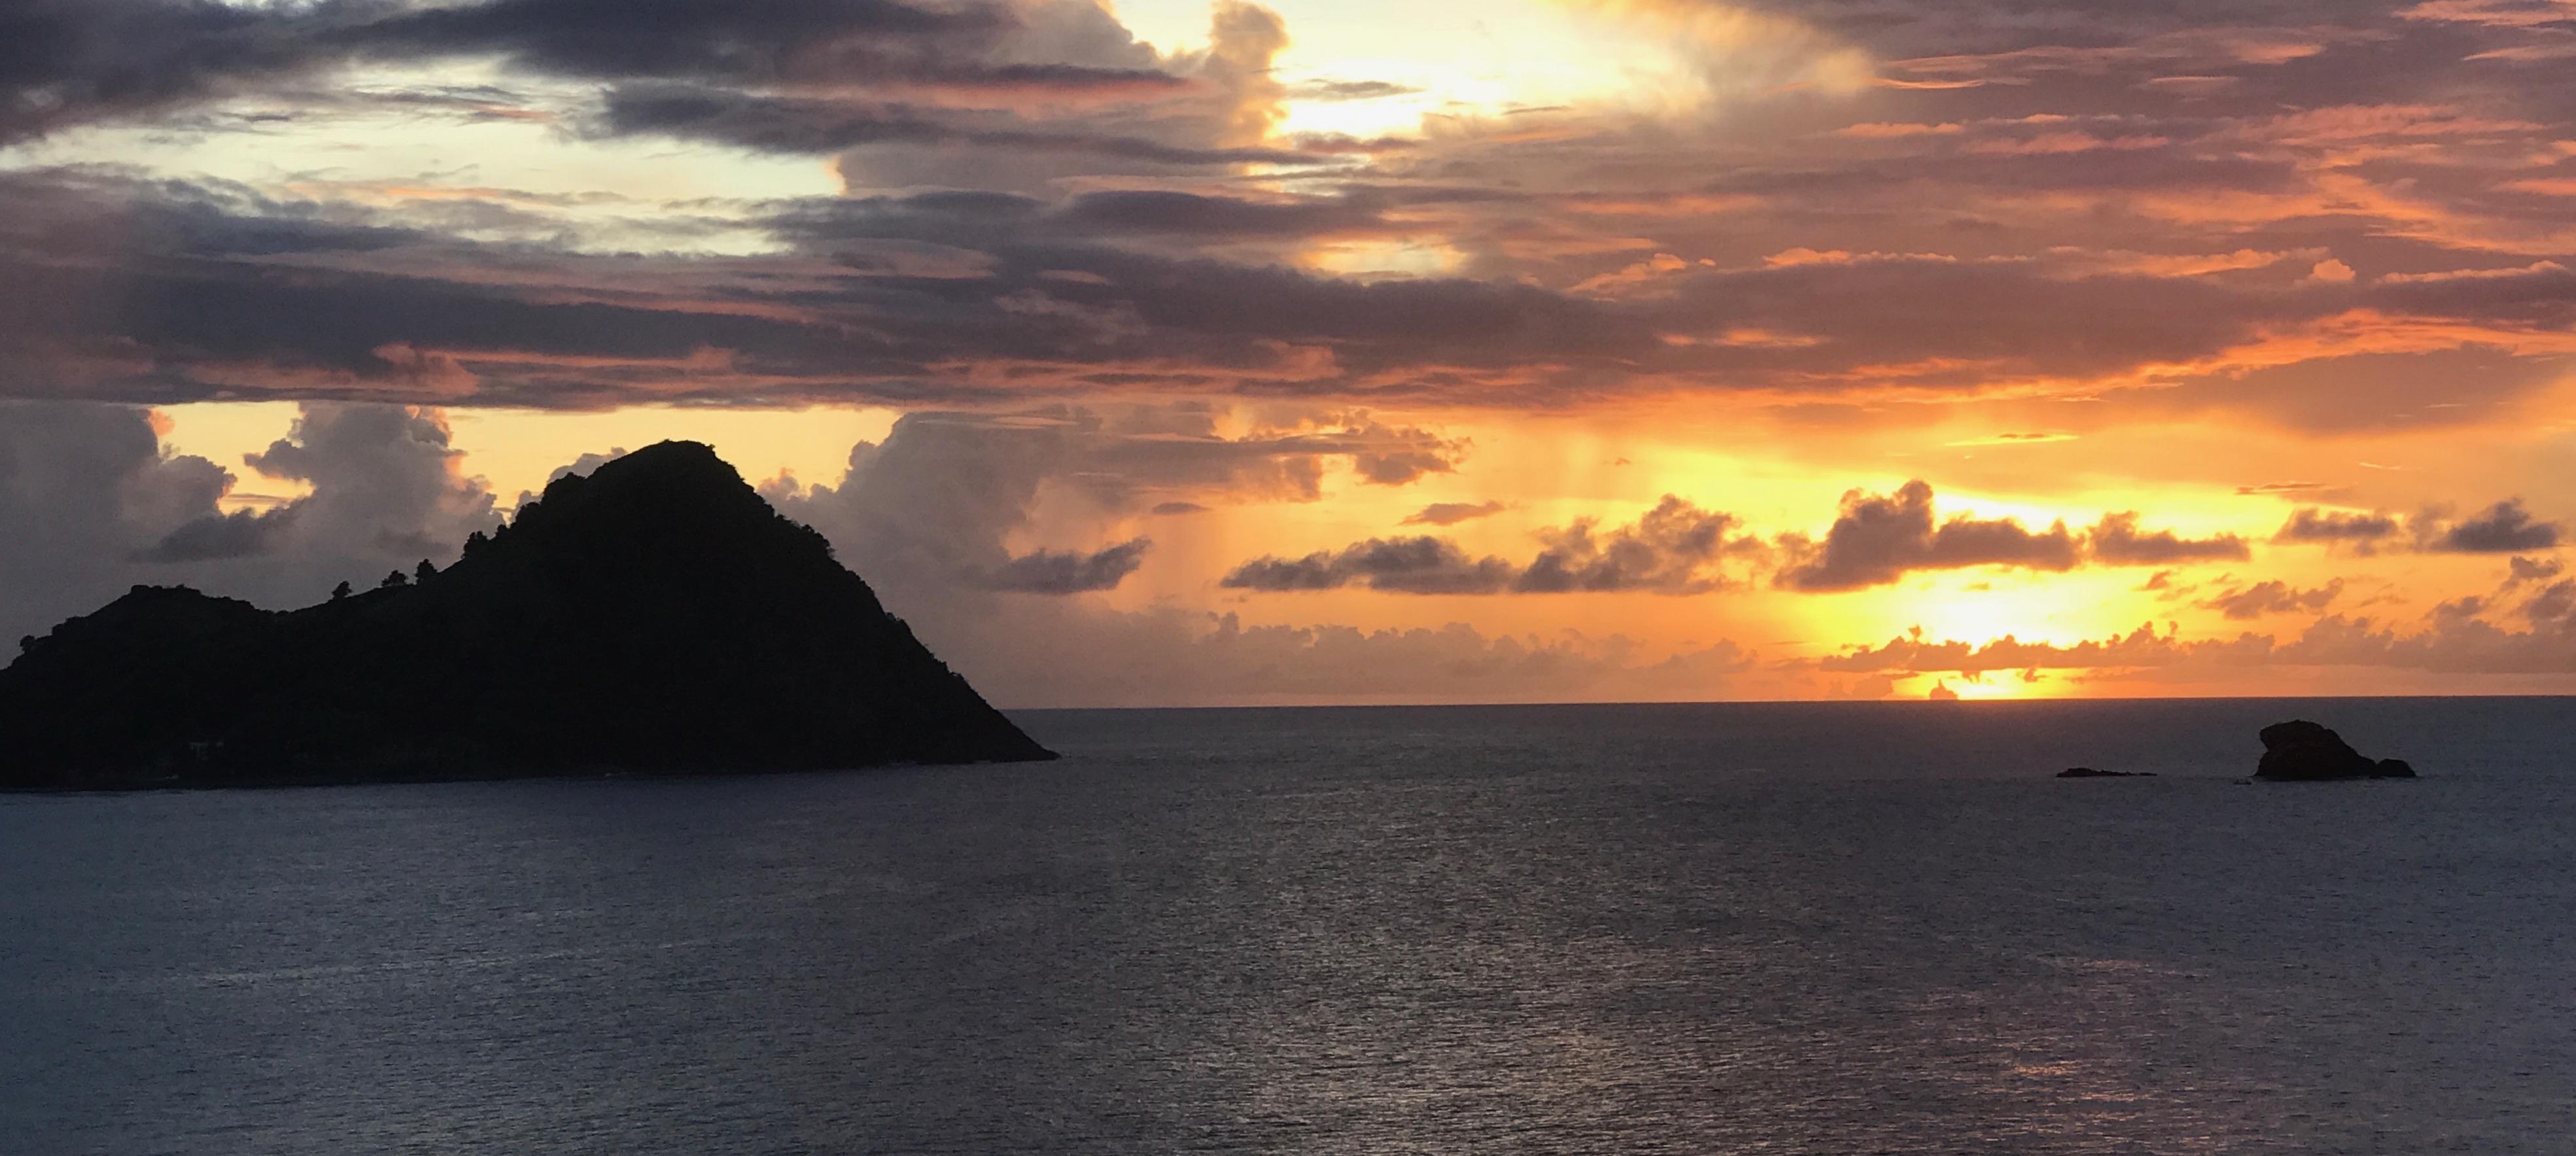 cap-maison-sunset-view